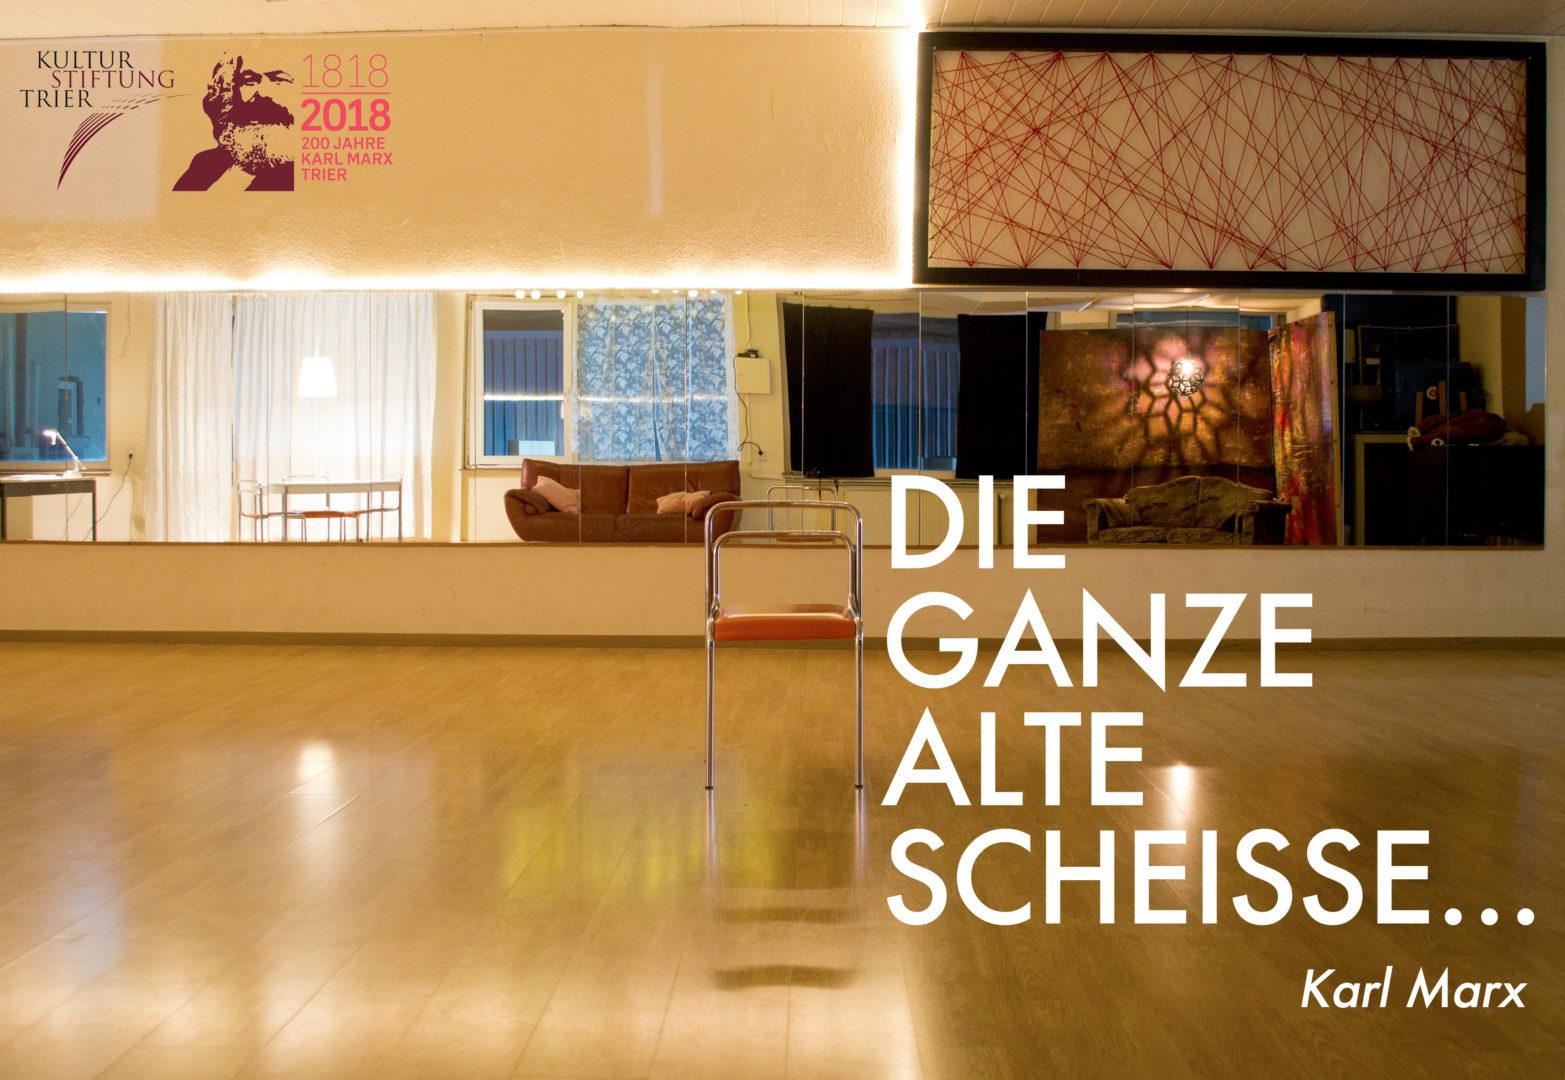 alte_scheisse_karl_marx